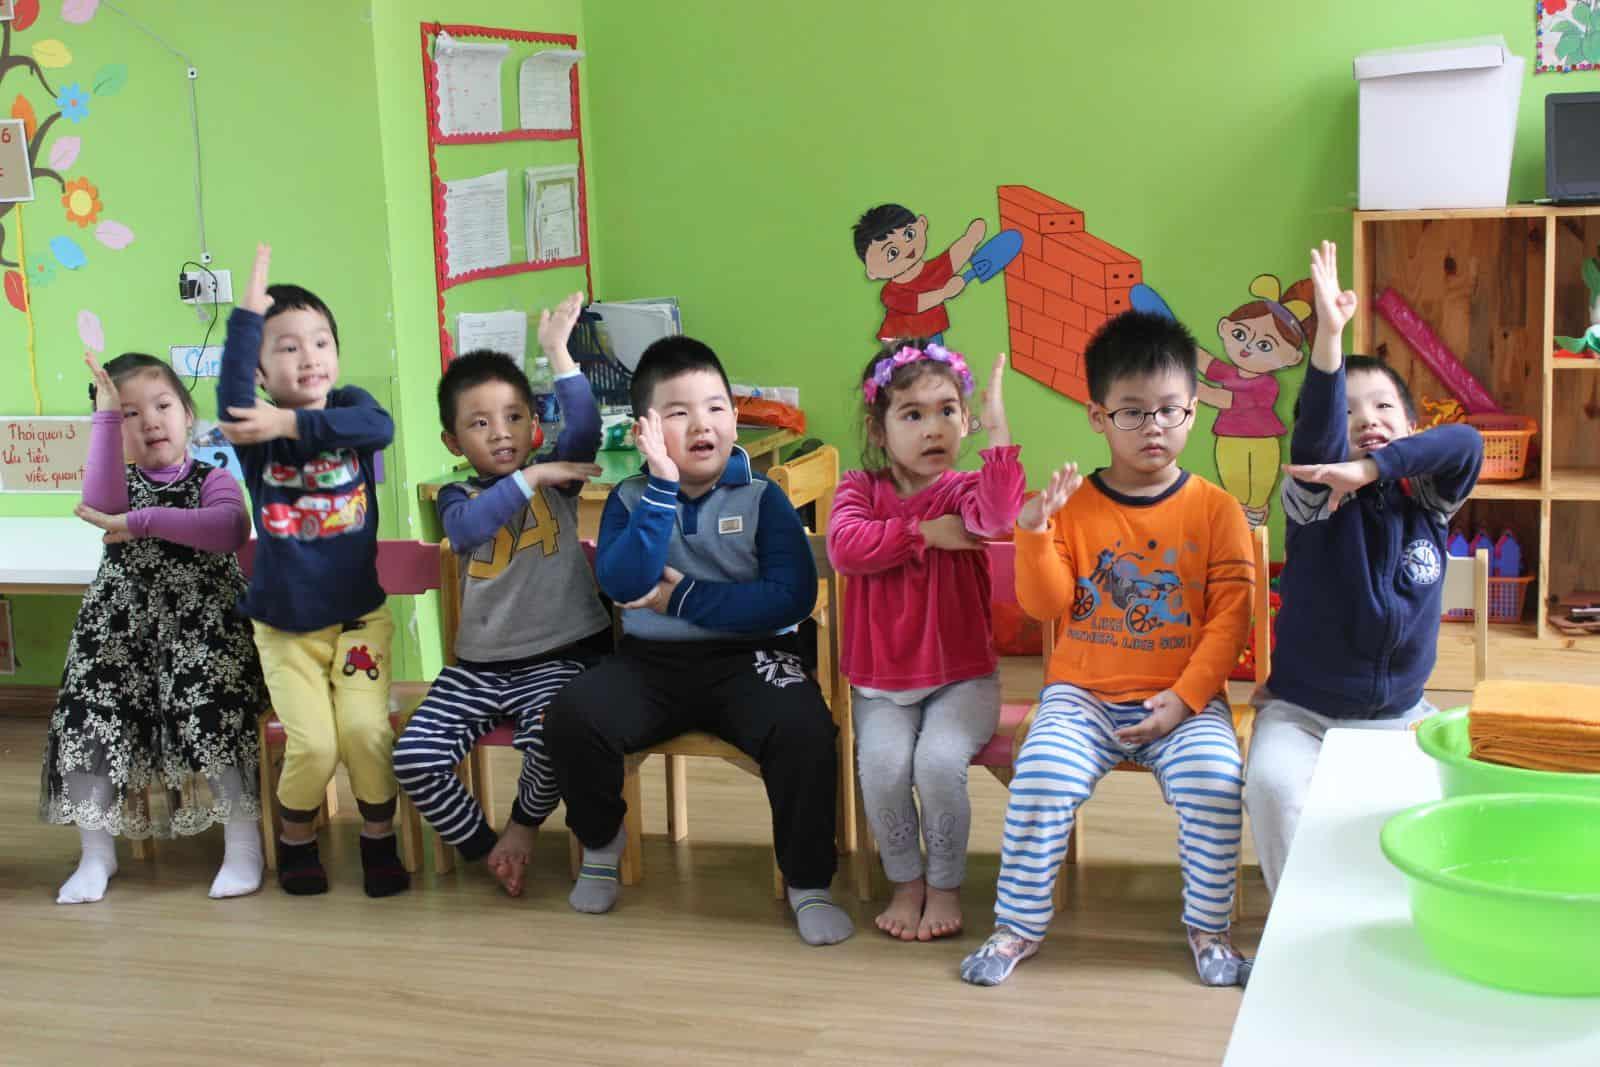 giáo áo giáo dục kỹ năng sống cho trẻ mầm non Bé tự lập – Mẹ yên tâm với giáo án kỹ năng sống cho trẻ mầm non